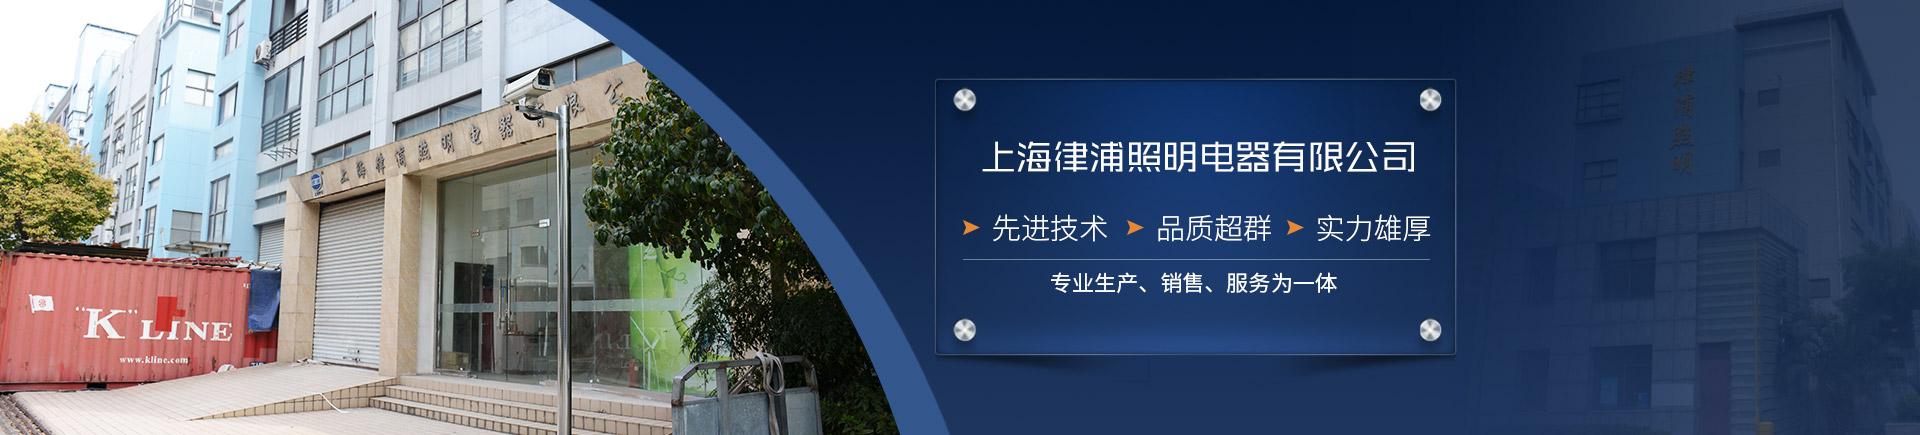 上海律浦照明电器有限公司